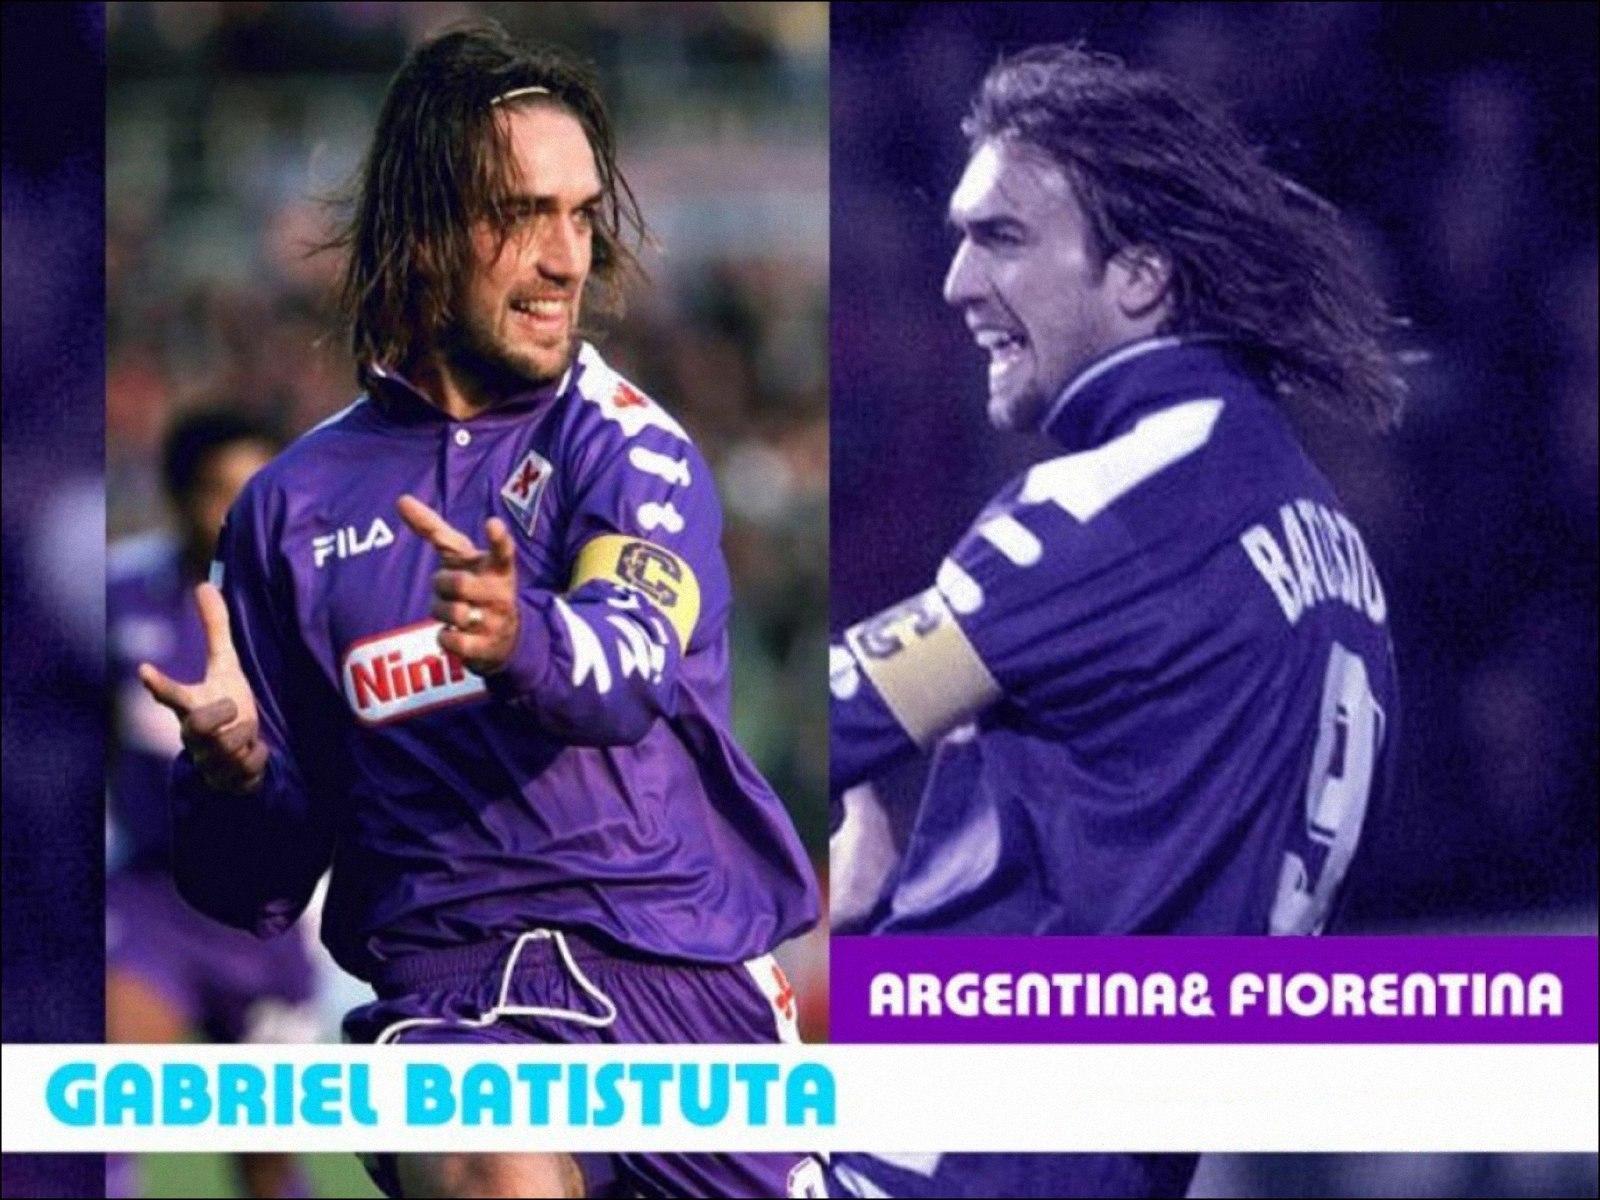 Gabriel Batistuta5 WallpapersSoccer Football Wallpapers 1600x1200